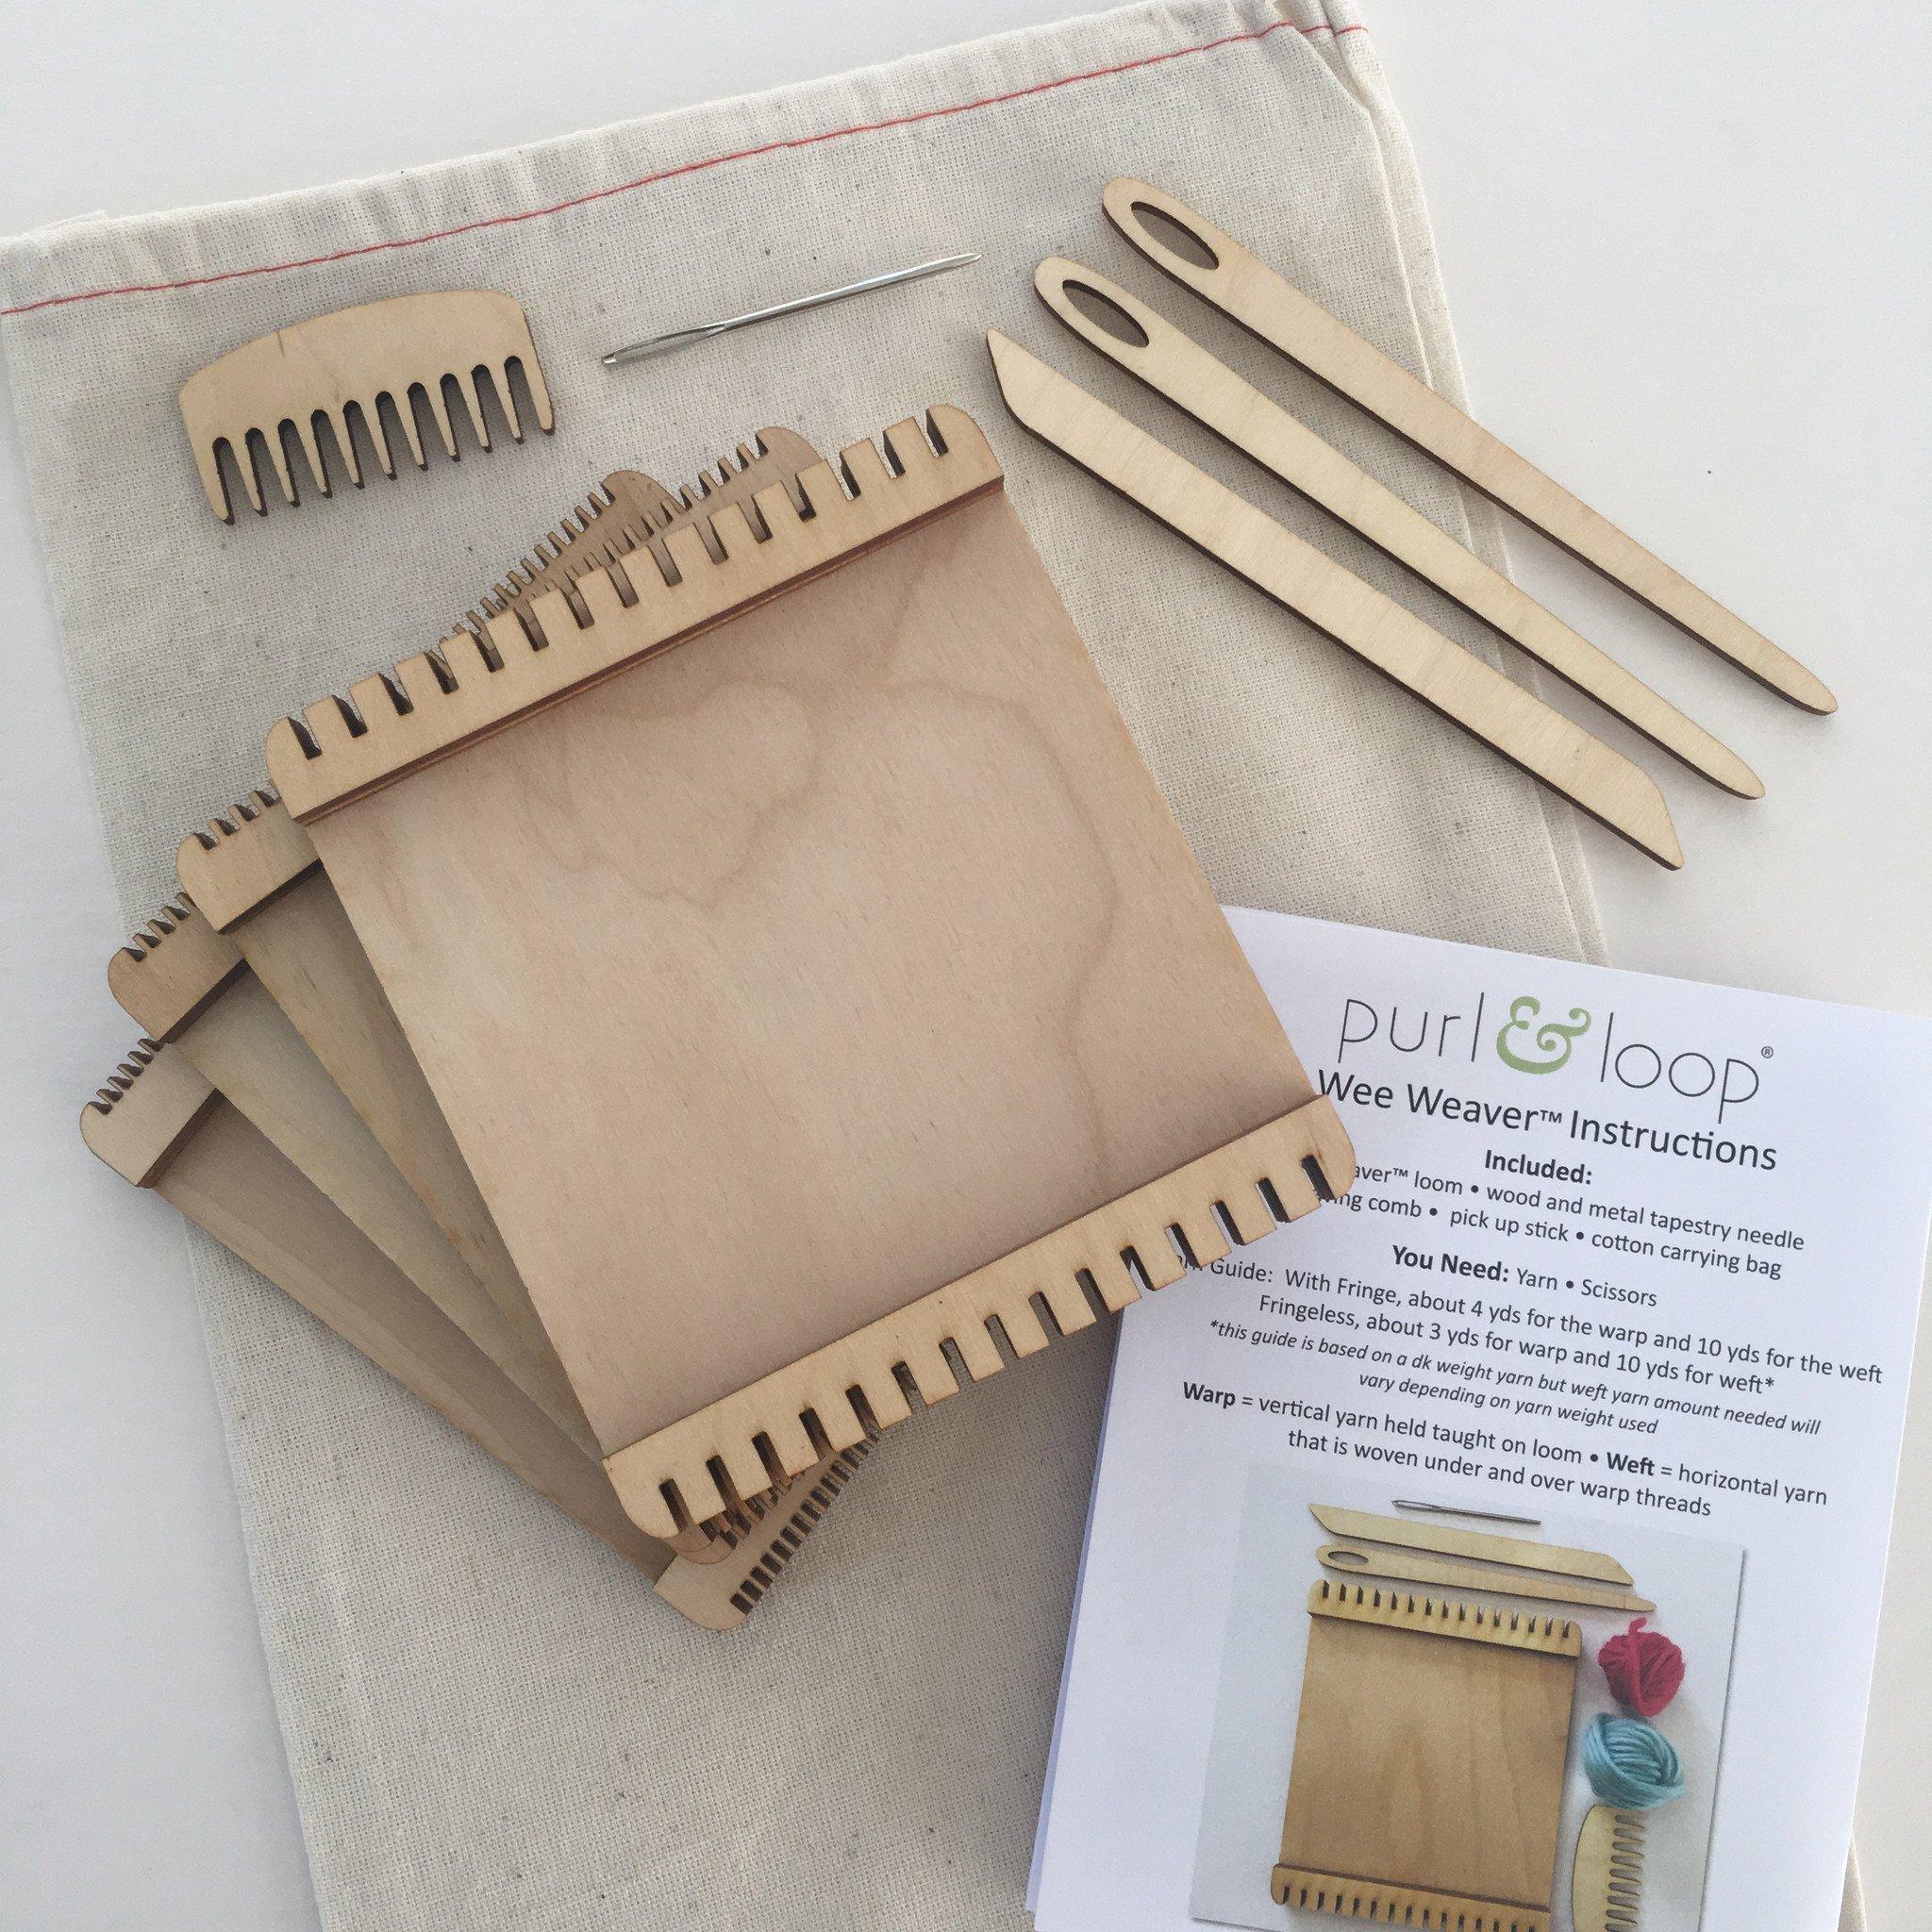 Purl & Loop Wee Weaver Loom (Set)